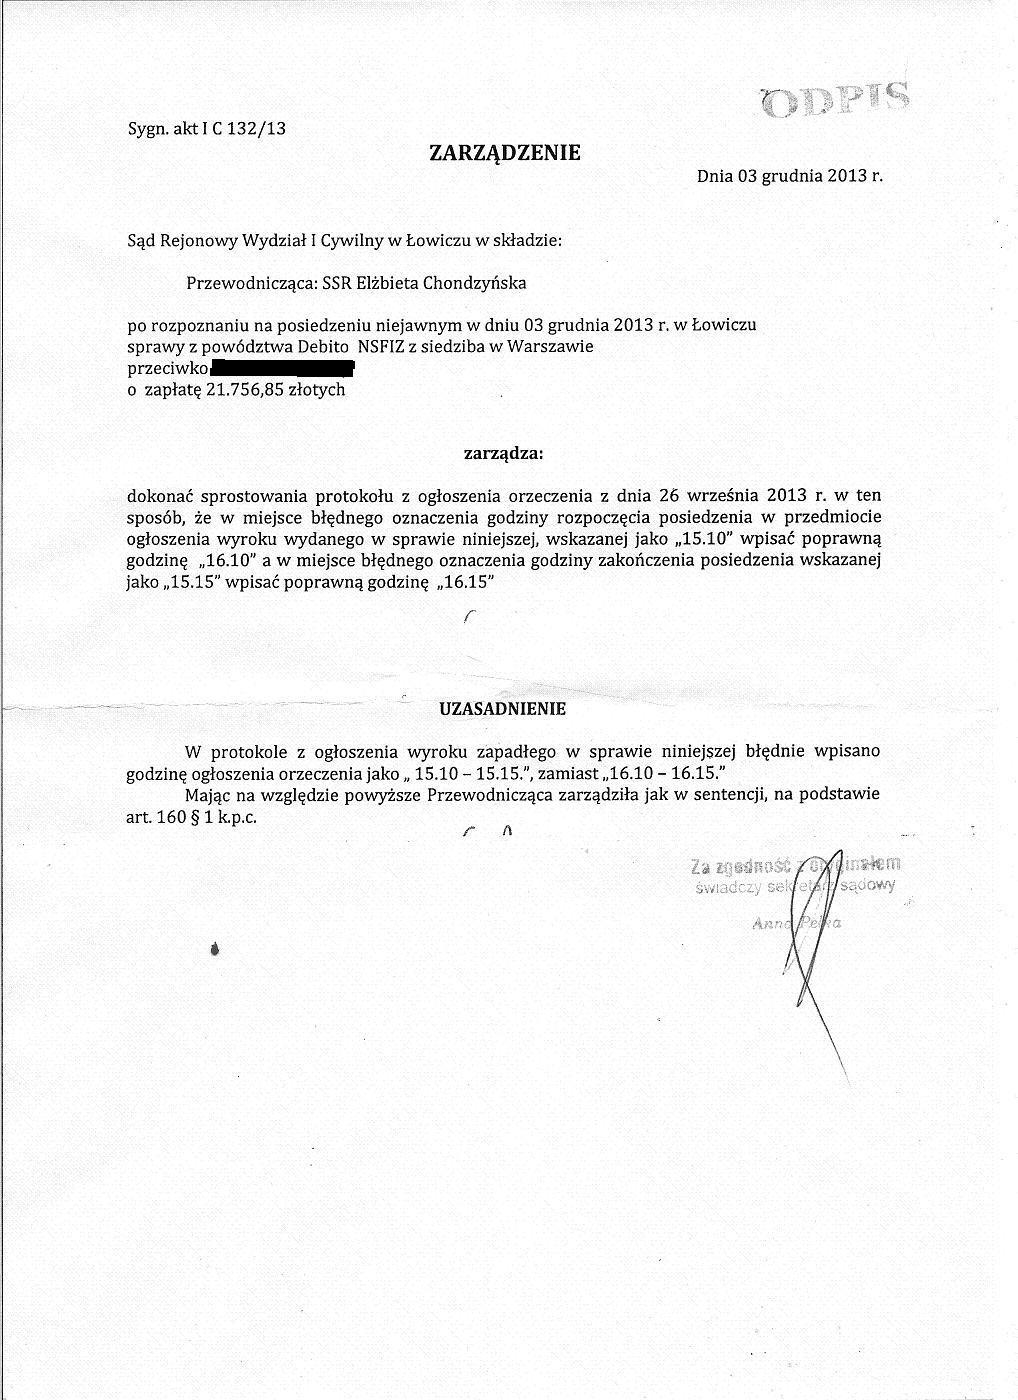 Sędzia SR w Łowiczu Elżbieta Chondzyńska dokonuje sprostowania protokołu od wyroku, który nie został ogłoszony na posiedzeniu jawnym.